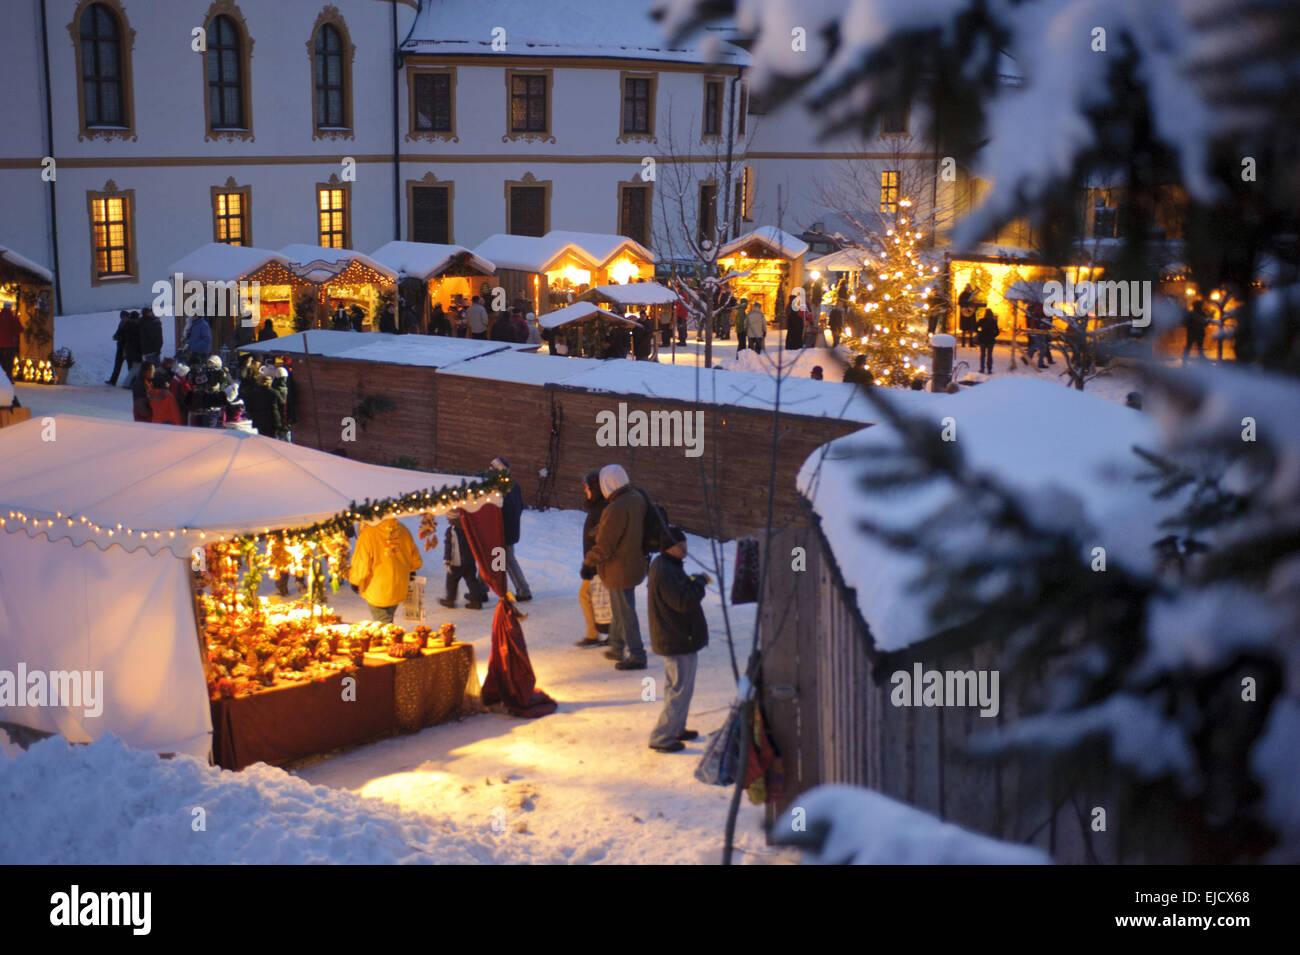 Mercado de Navidad en Baviera, Alemania Imagen De Stock